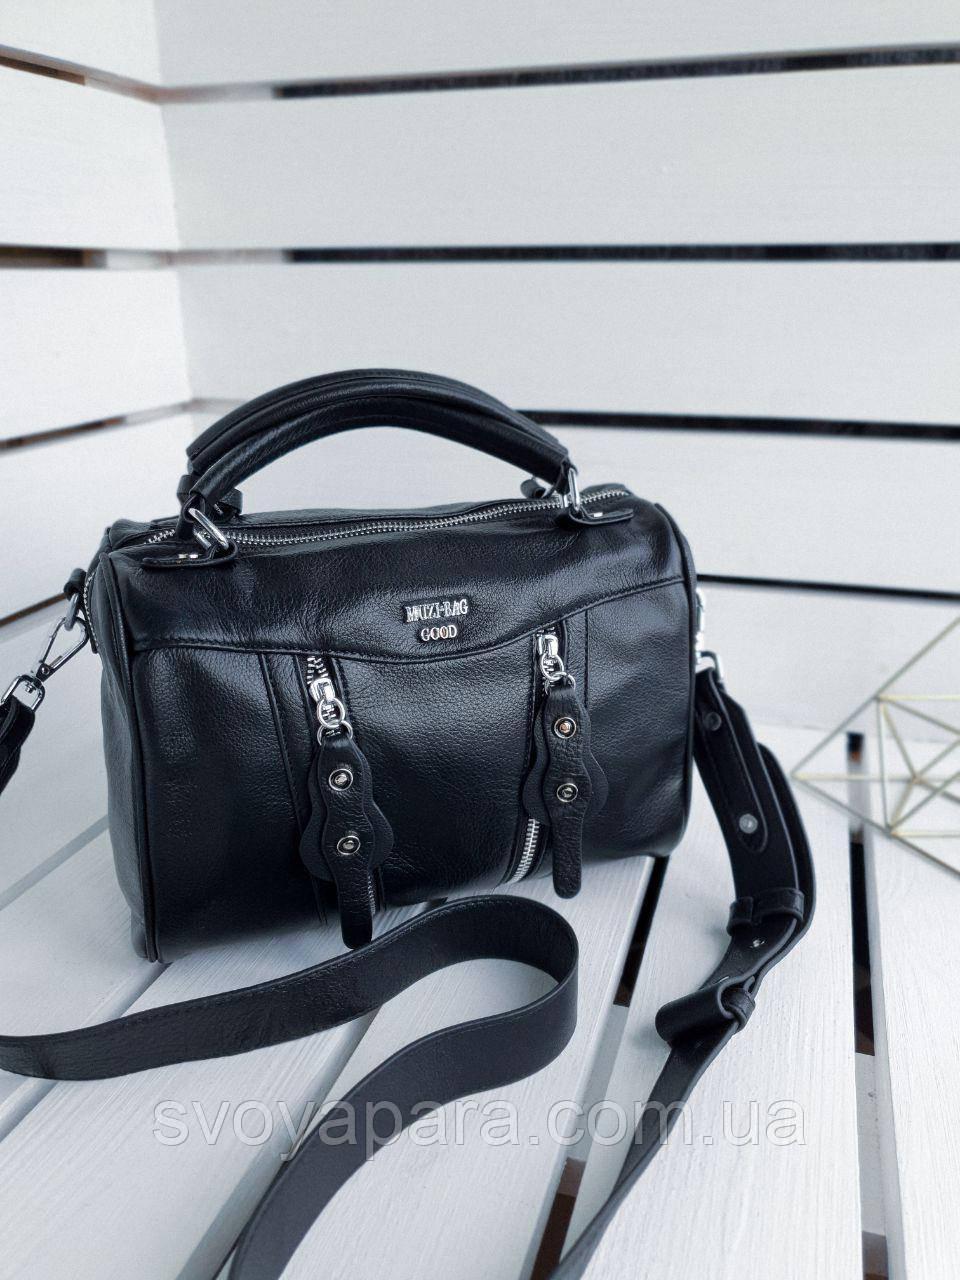 Кожаная женская сумка размером 26х19х12 см Черная (01260)